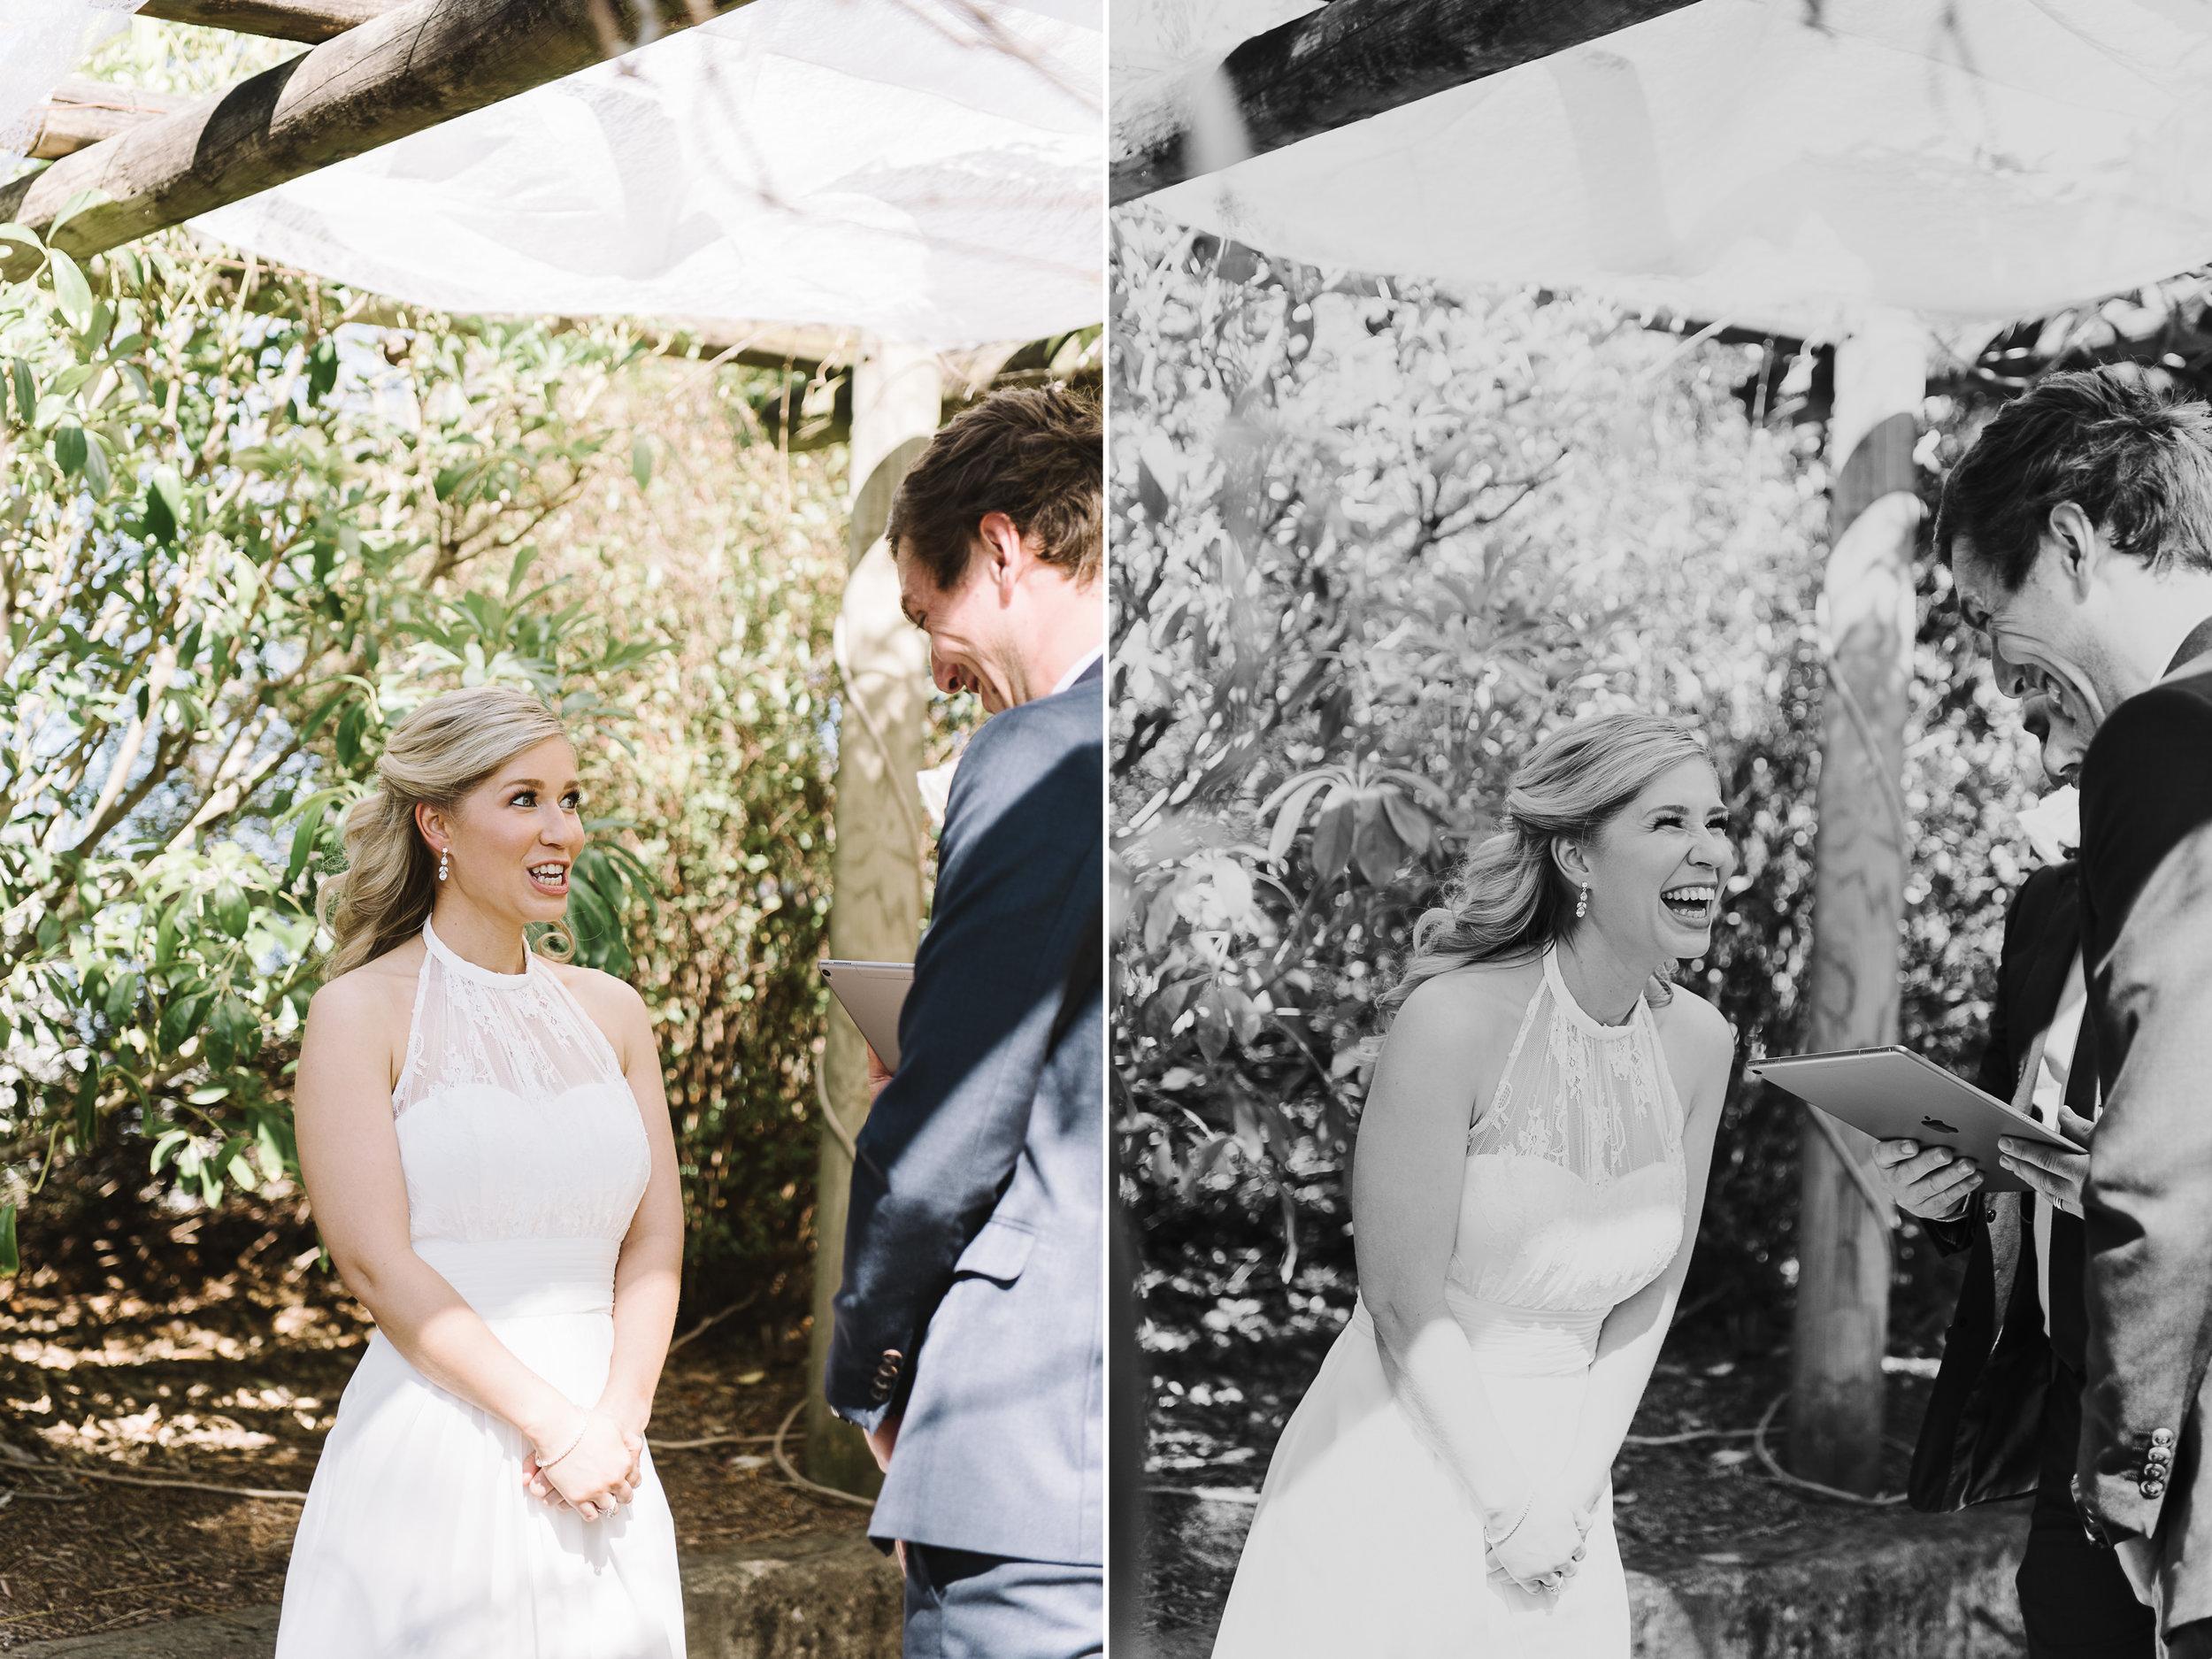 sydney-wedding-photography-ceremony-3.jpg